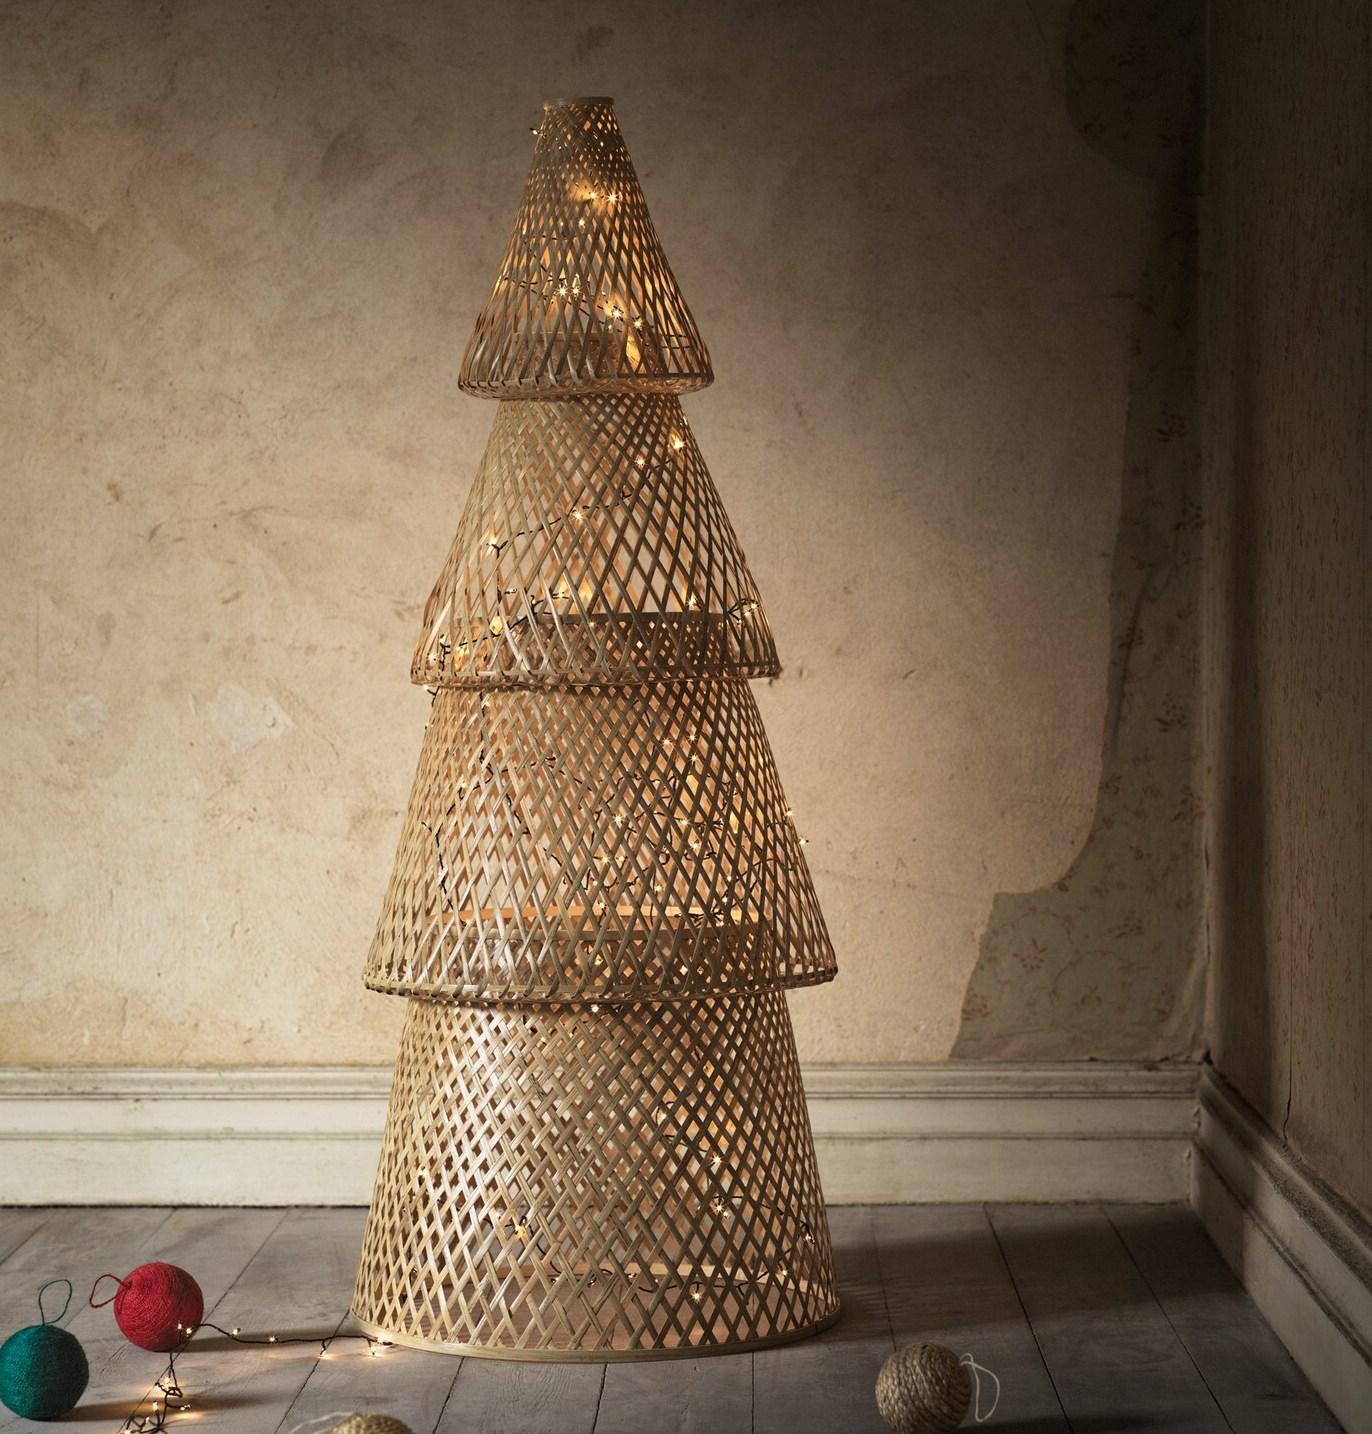 ikea-christmas-tree-2020